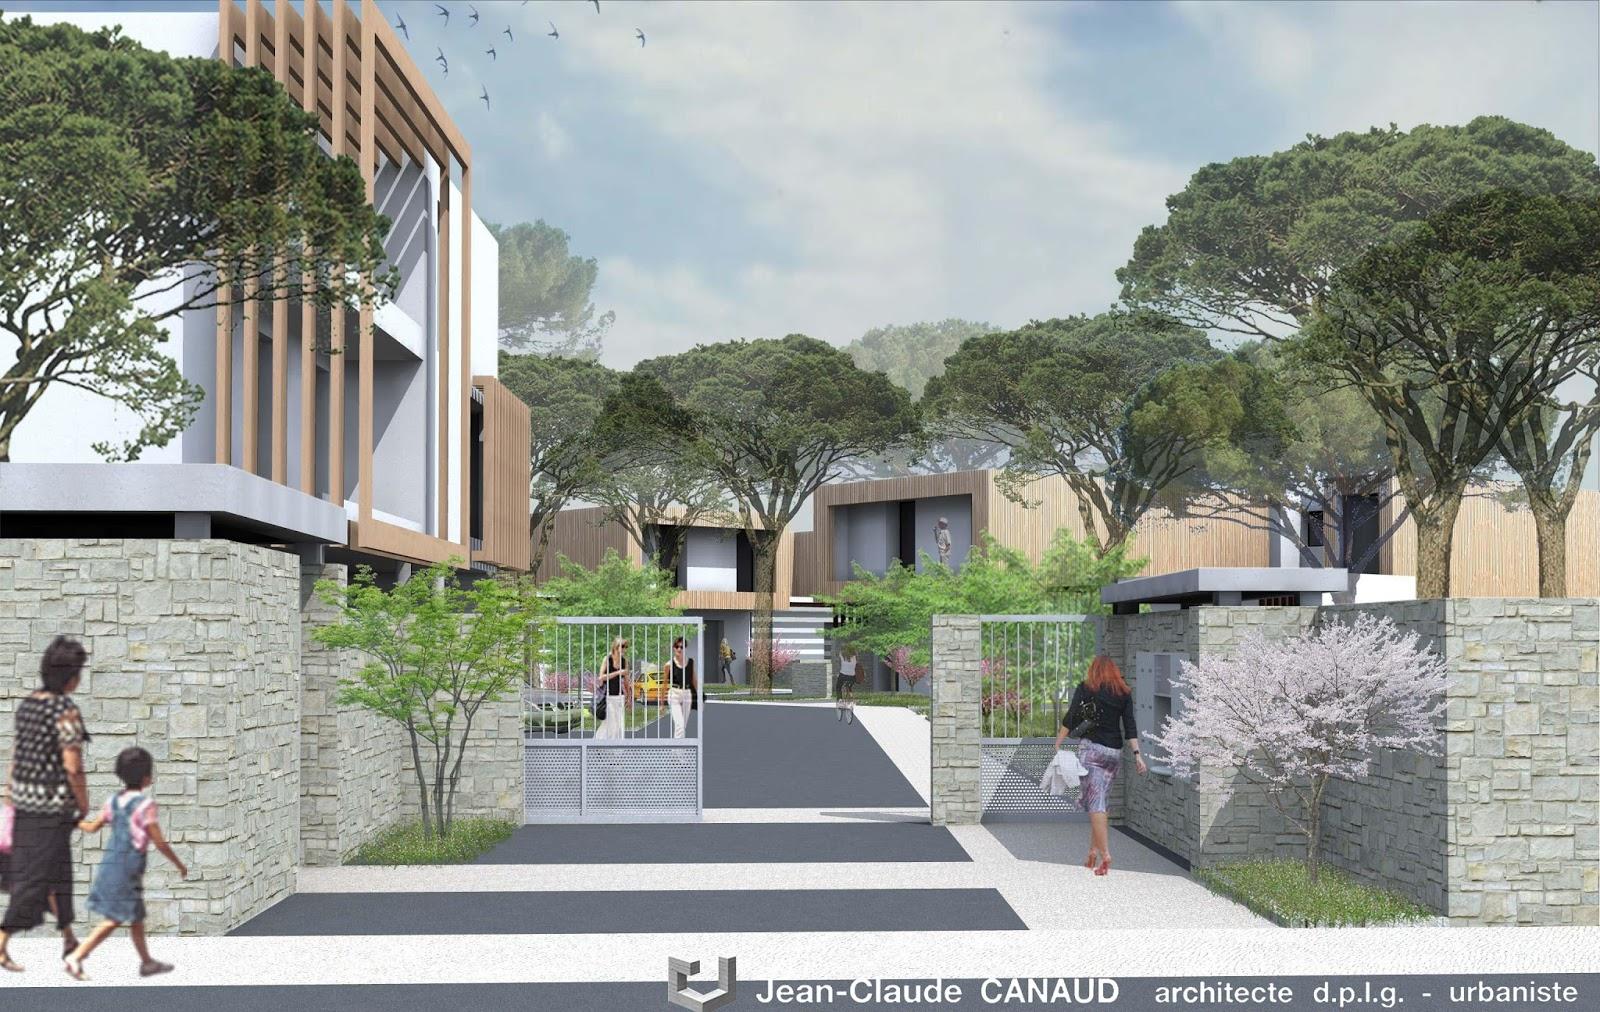 canaud architecte projet de 30 logements interm diaire gard. Black Bedroom Furniture Sets. Home Design Ideas